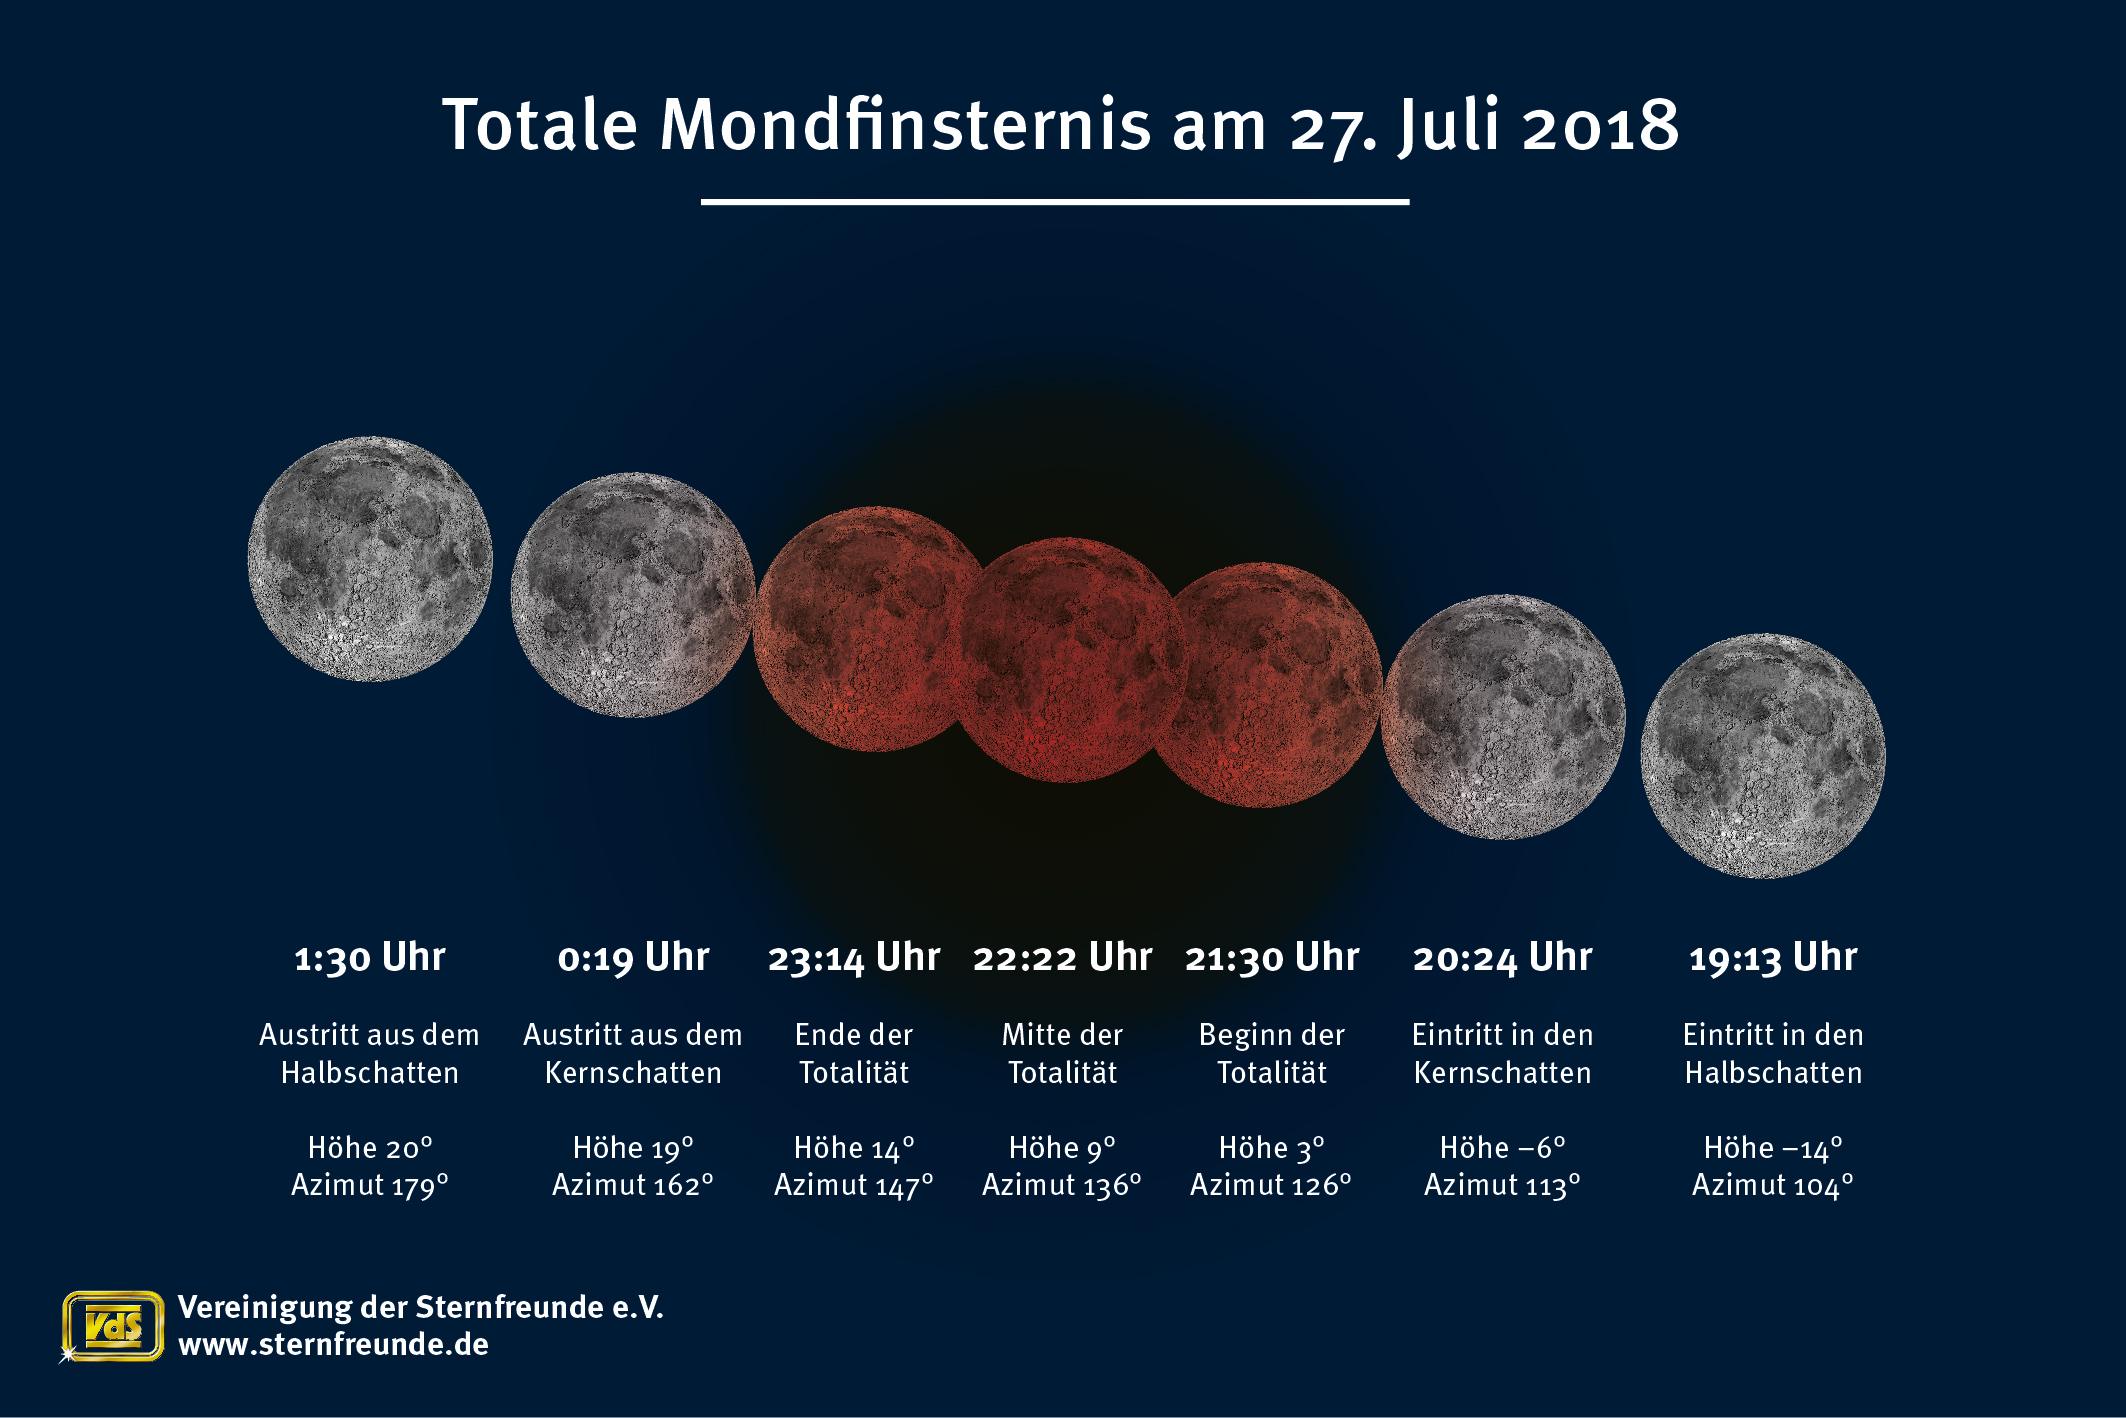 VdS_Sommernachtstraum-2018_Mondfinsternis